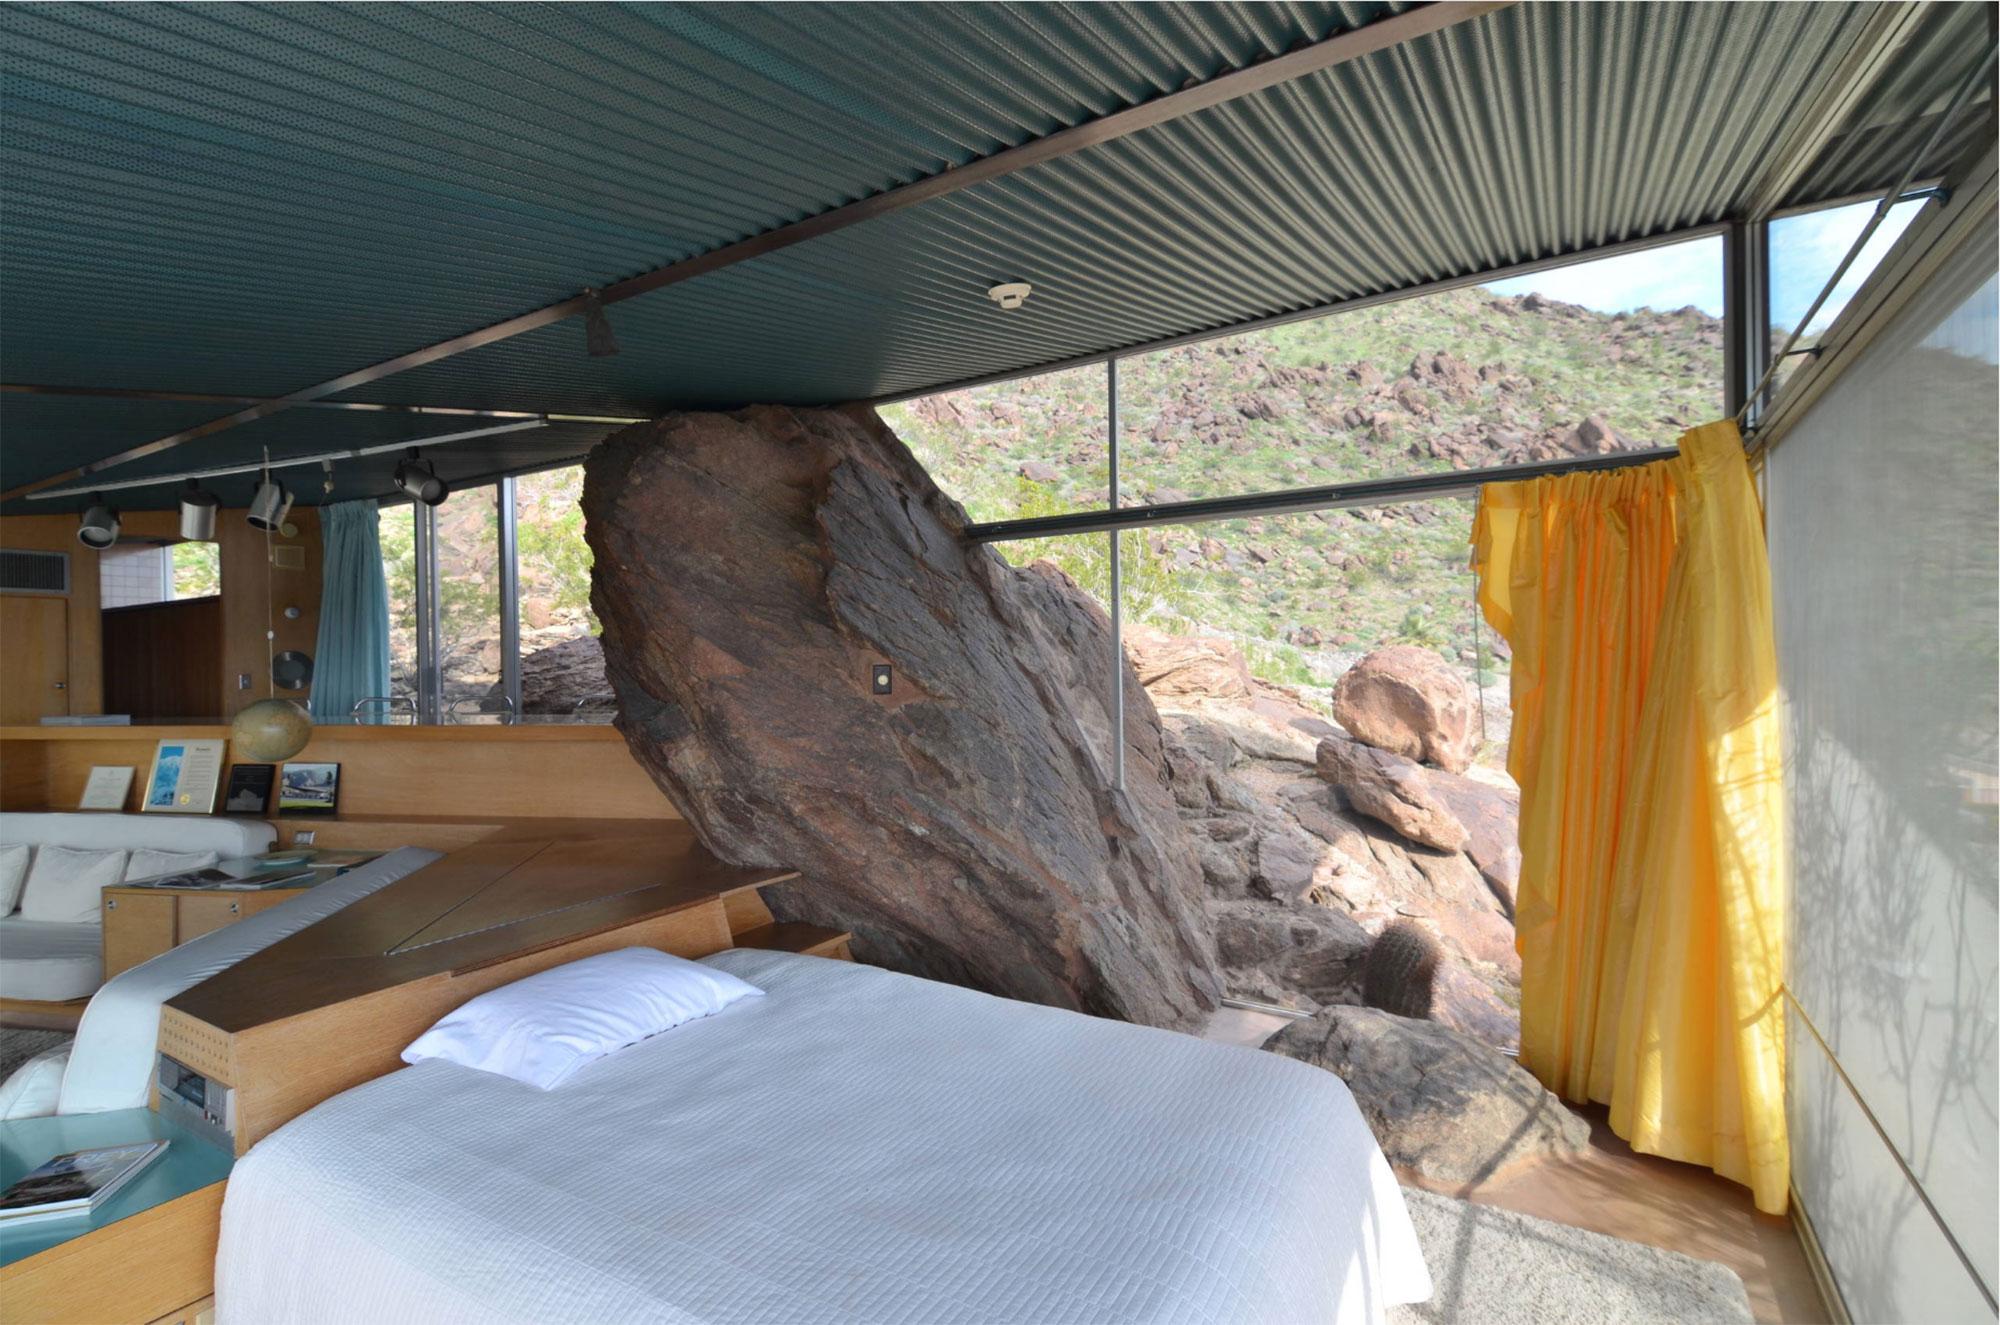 home interior built around boulder coming inside